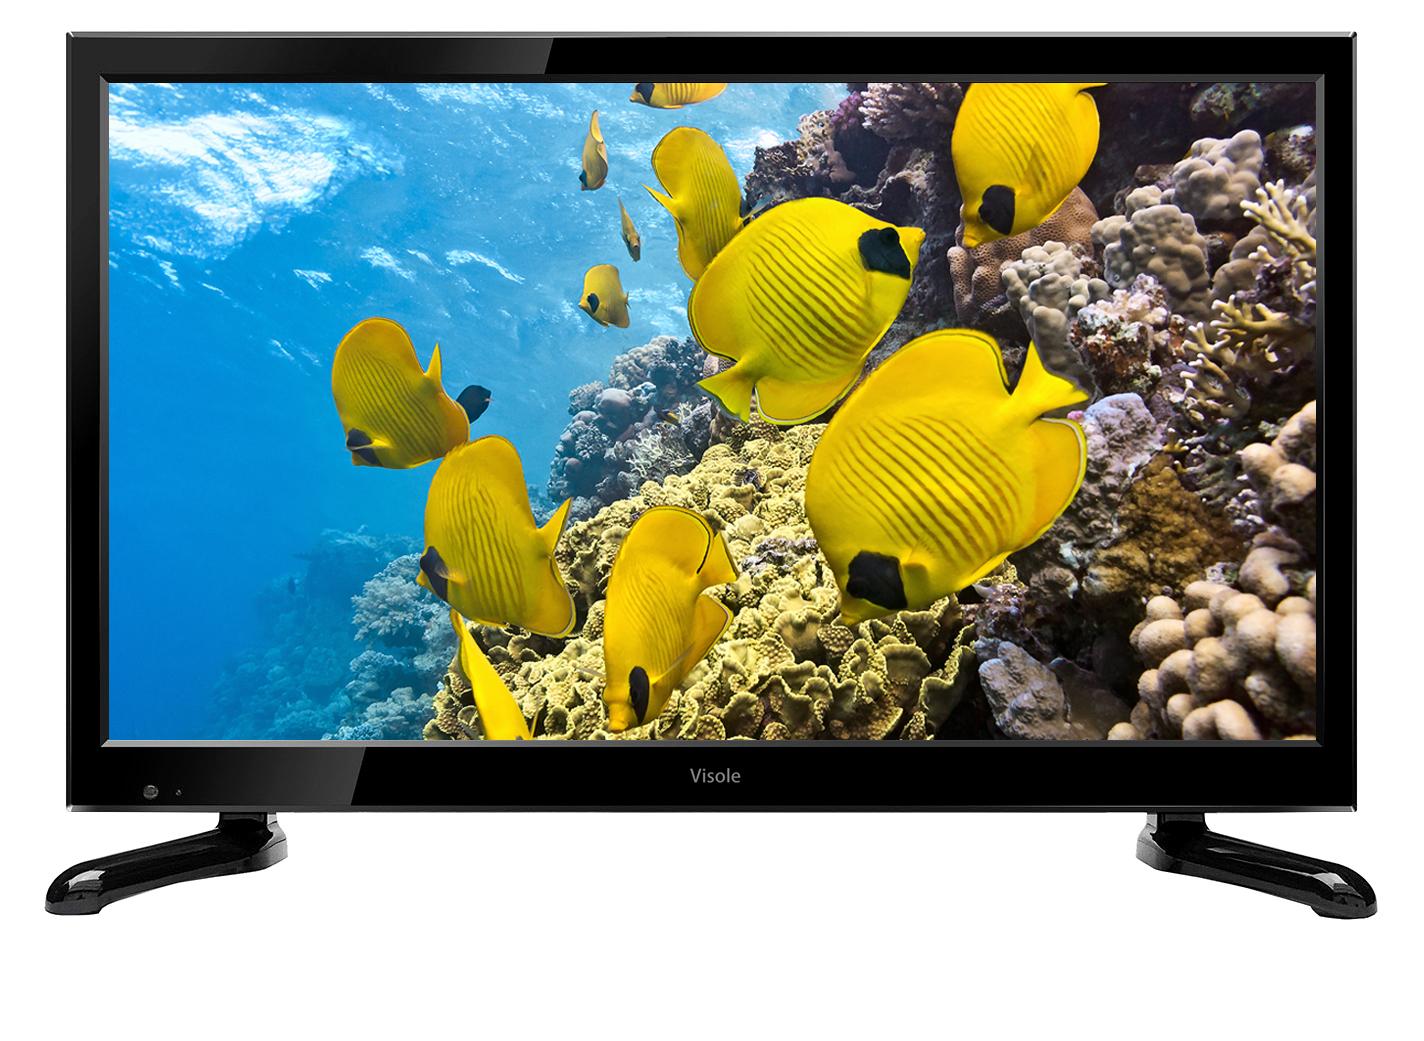 DVDプレーヤー内蔵ハイビジョン液晶テレビ (20V型)LCD2001G画像